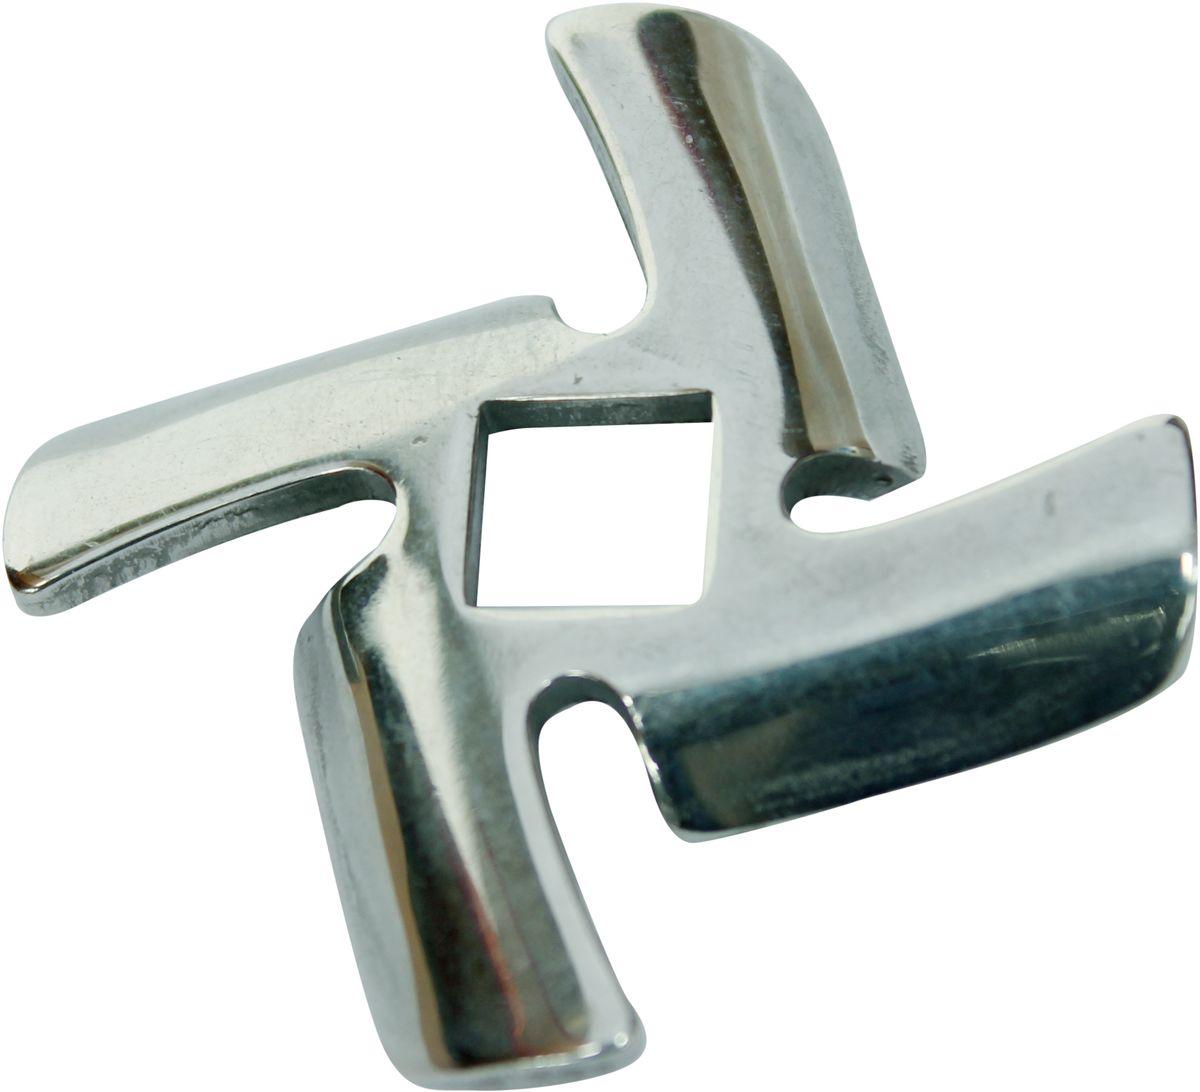 Euro Kitchen EUR-KNG Binatone нож для мясорубкиEUR-KNG BinatoneНож Euro Kitchen EUR-KNG предназначен для работы с электрическими мясорубками Binatone. Он с легкостью заменит фирменную деталь, не уступив ей по качеству и сроку службы. Высокая производительность и долгий срок службы современных электрических и ручных мясорубок зависят, в первую очередь, от режущих механизмов и их выработки. Своевременная профилактика и замена режущих и вспомогательных элементов способствуют уменьшению нагрузки на узлы и другие механизмы, гарантируя долгую и качественную работу вашей мясорубки.